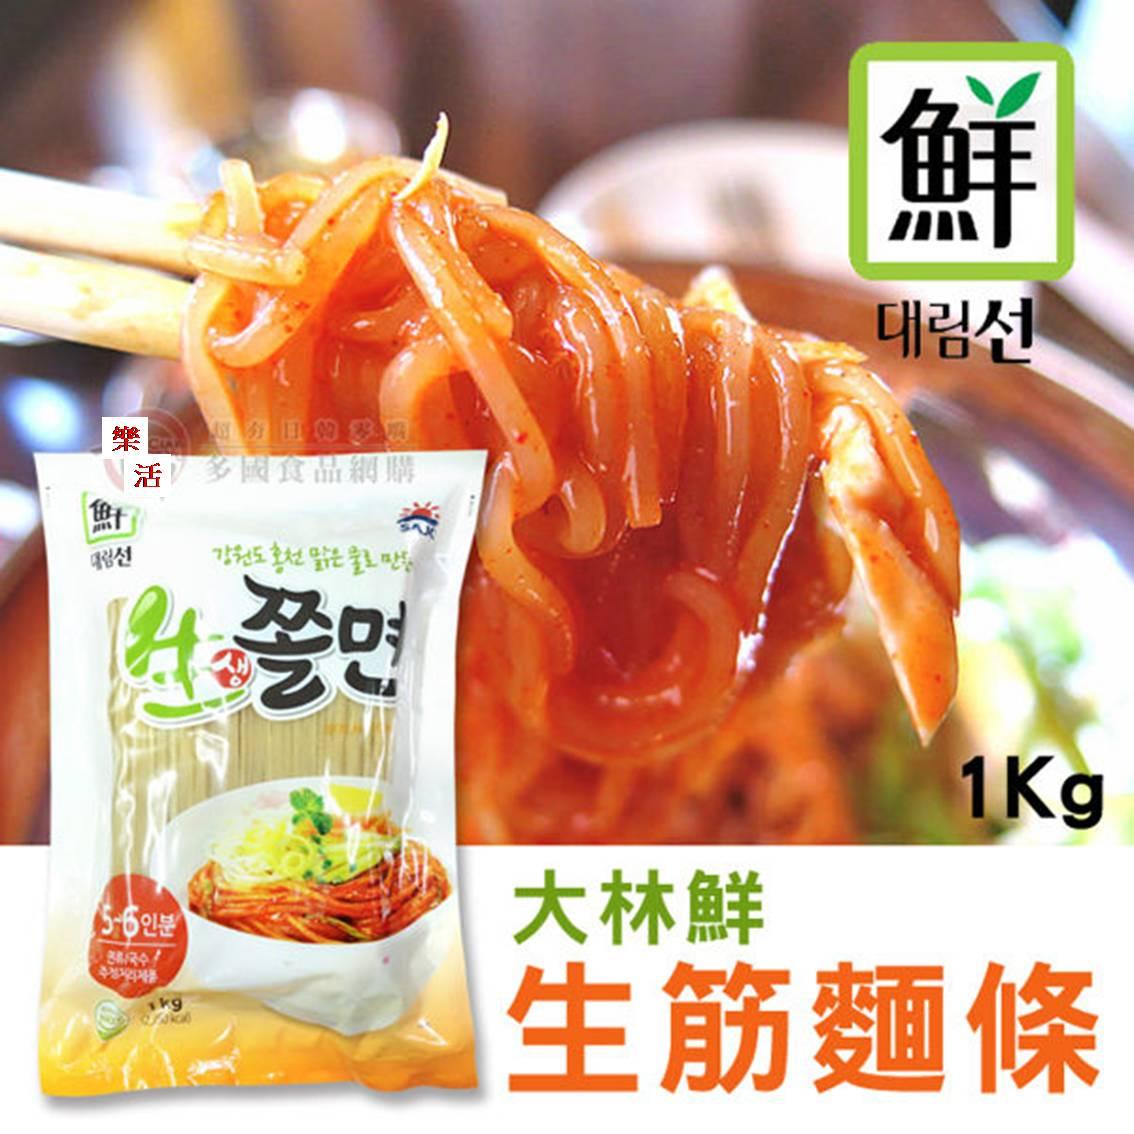 韓國 SAJO思潮大林鮮生筋麵條1kg 炸醬麵 辣拌麵 乾麵 ~樂活 館~